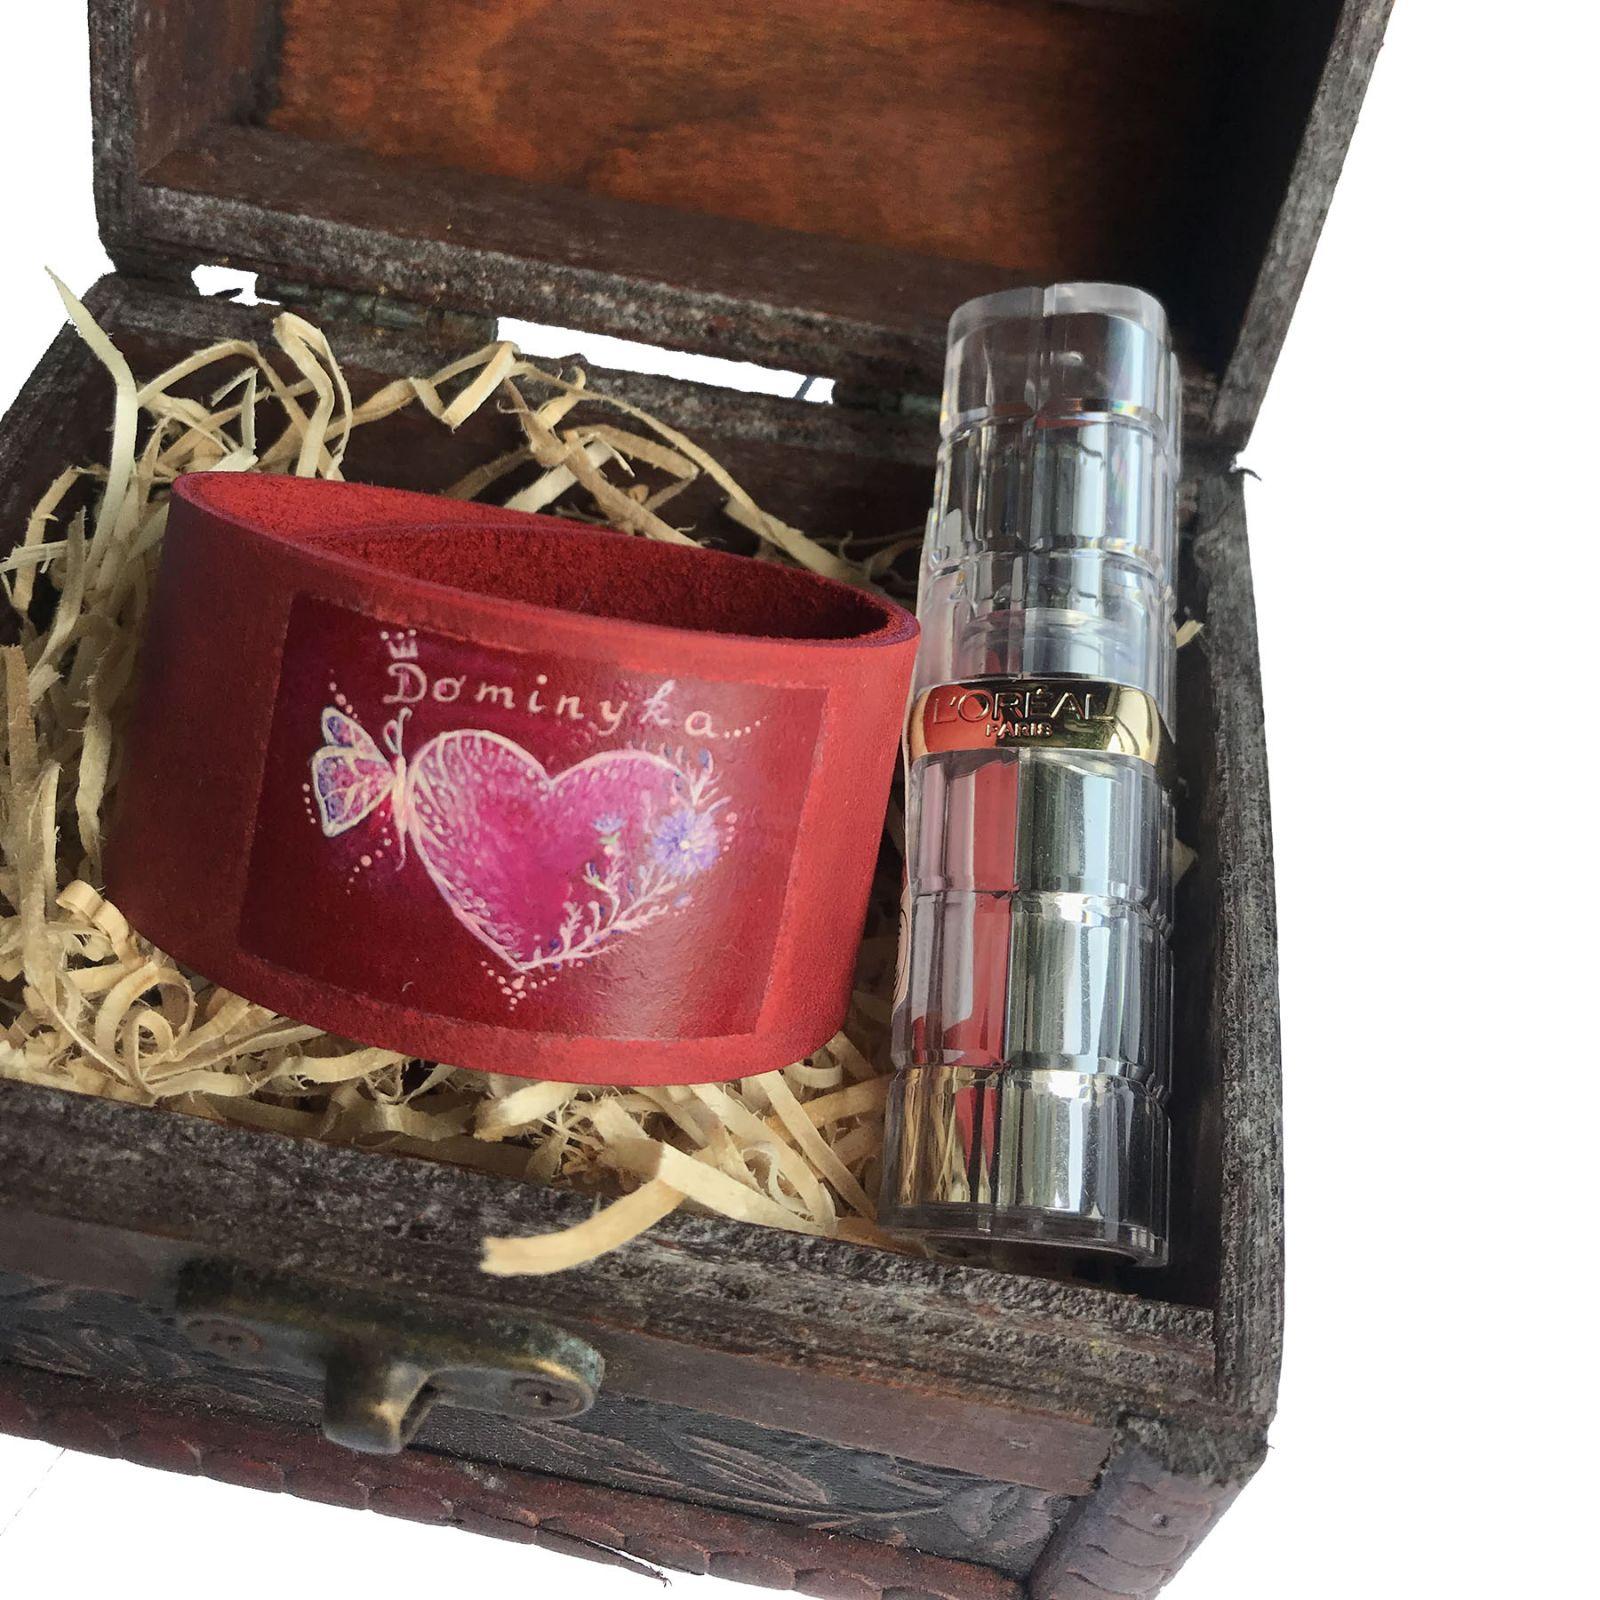 odine apyranke su piesiniu medineje skryneleje unikalios gimtadienio dovanos moterims dovana sukaktuviu merginai panelei isskirtines valentino proga 18